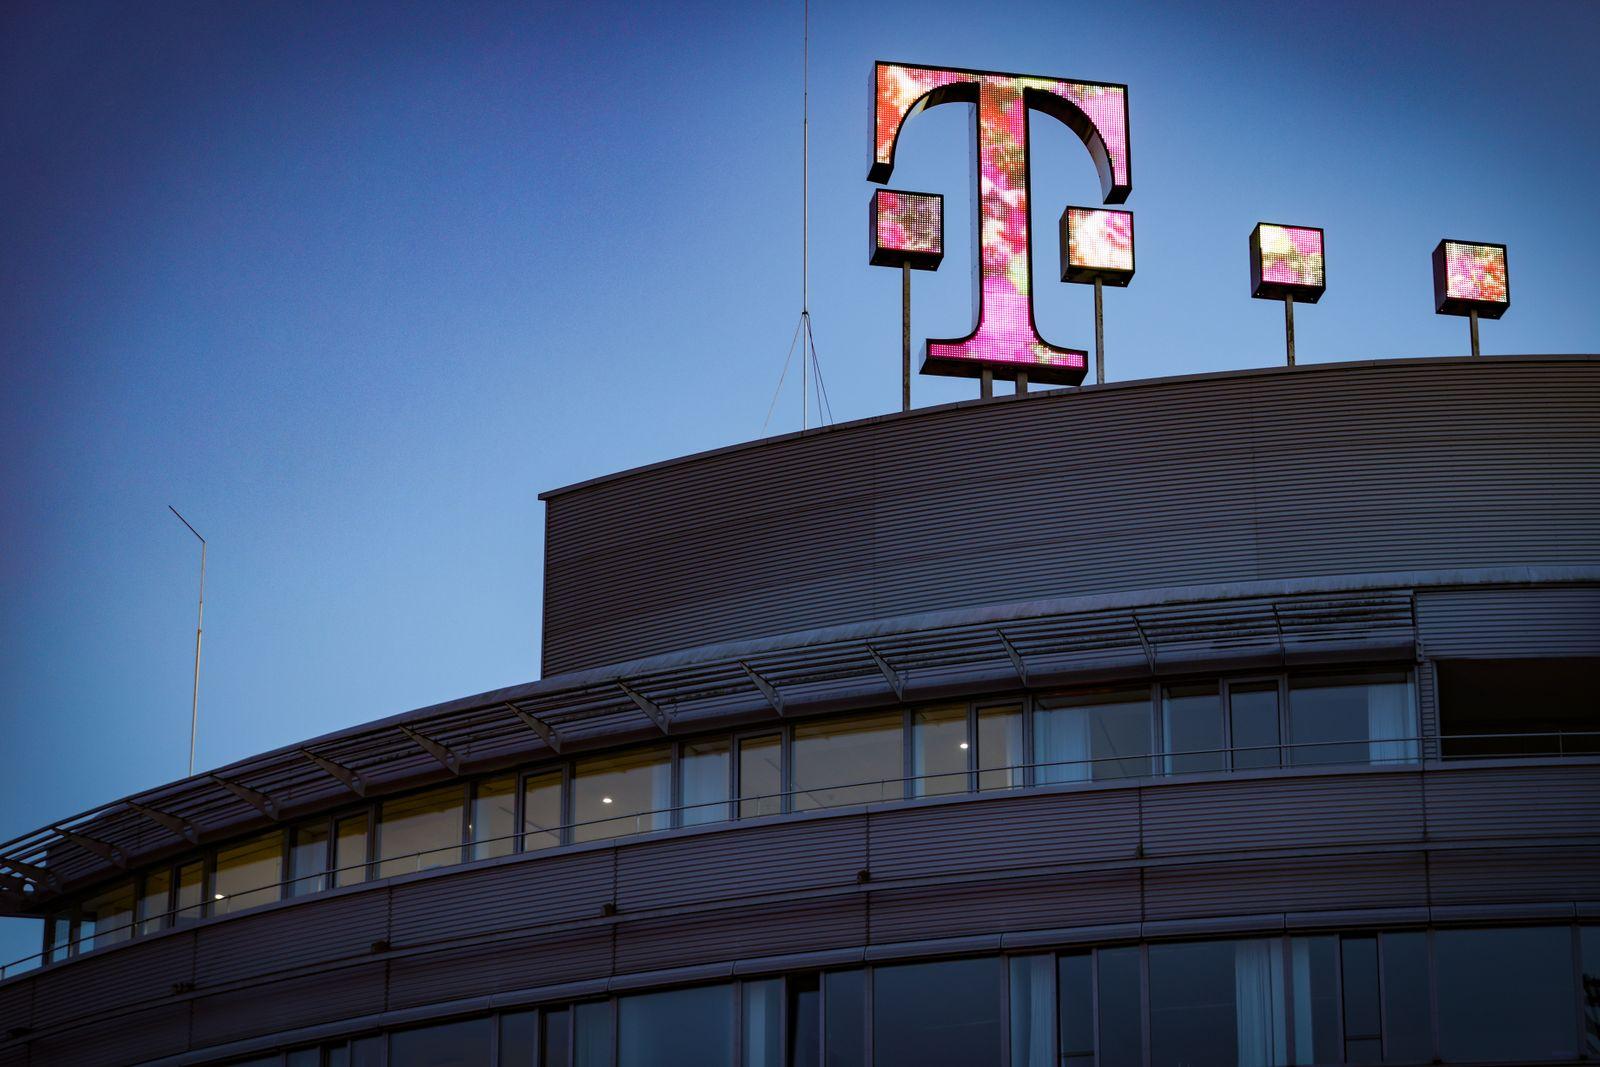 New Digital T-logo Sign Installed On Deutsche Telekom's HQ